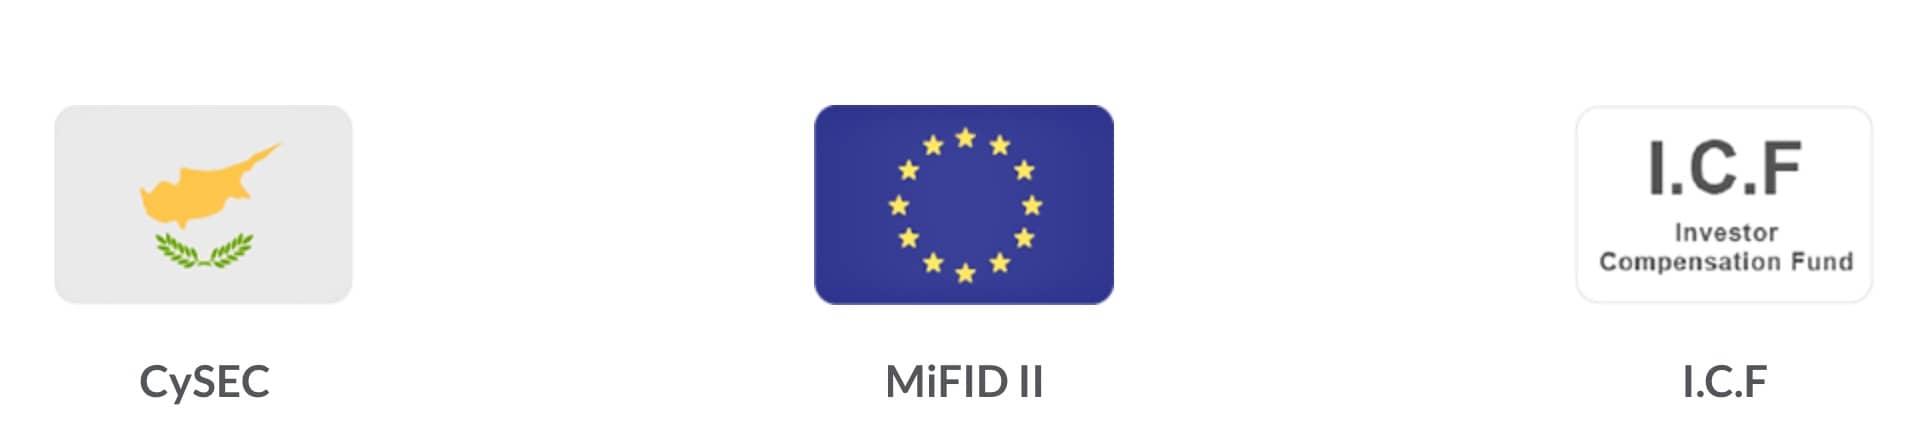 EuropeFX Sicherheit/Lizensierung